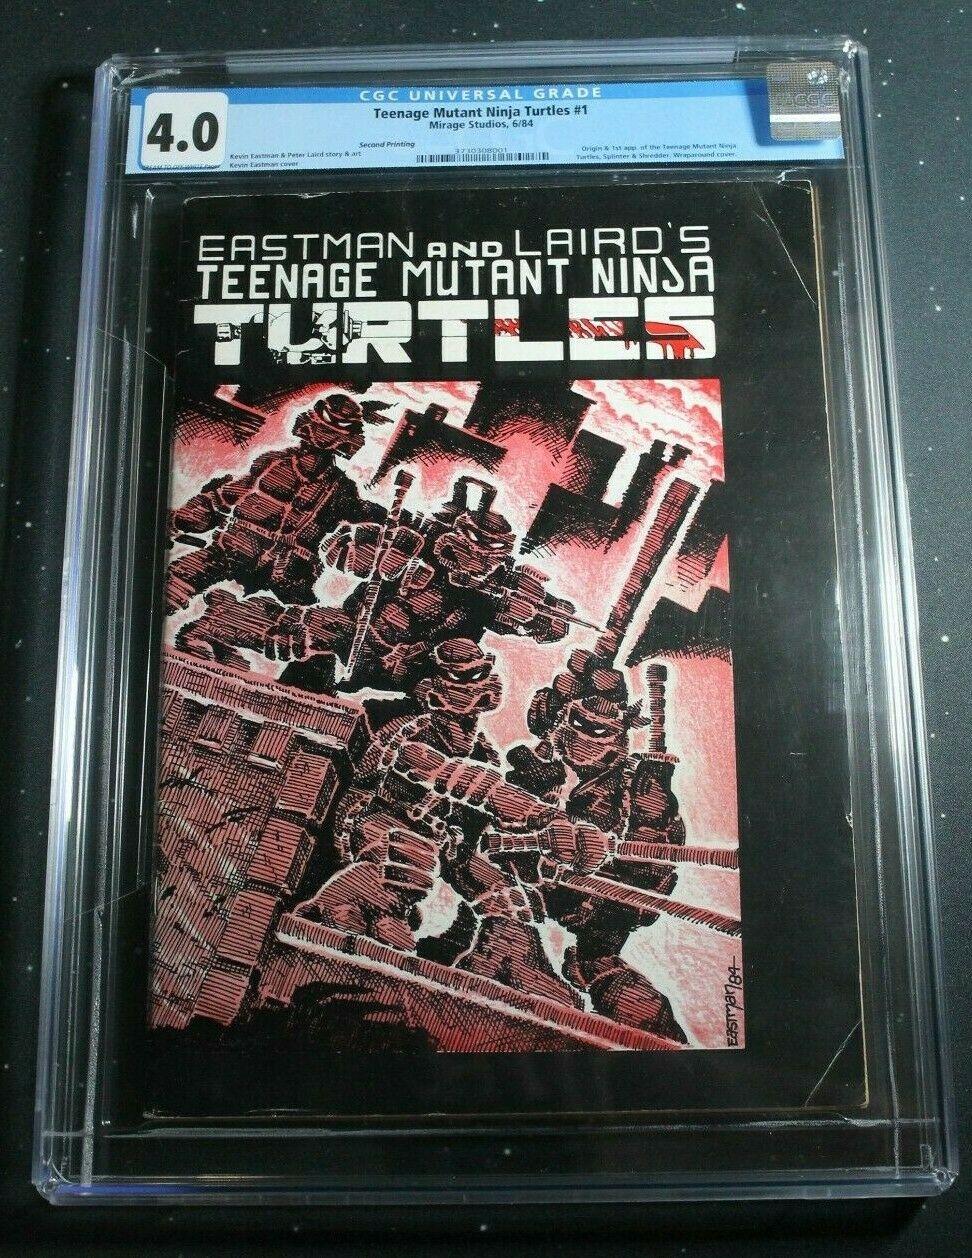 Teenage Mutant Ninja Turtles 1 1984 Mirage CGC 40 TMNT 2nd Print